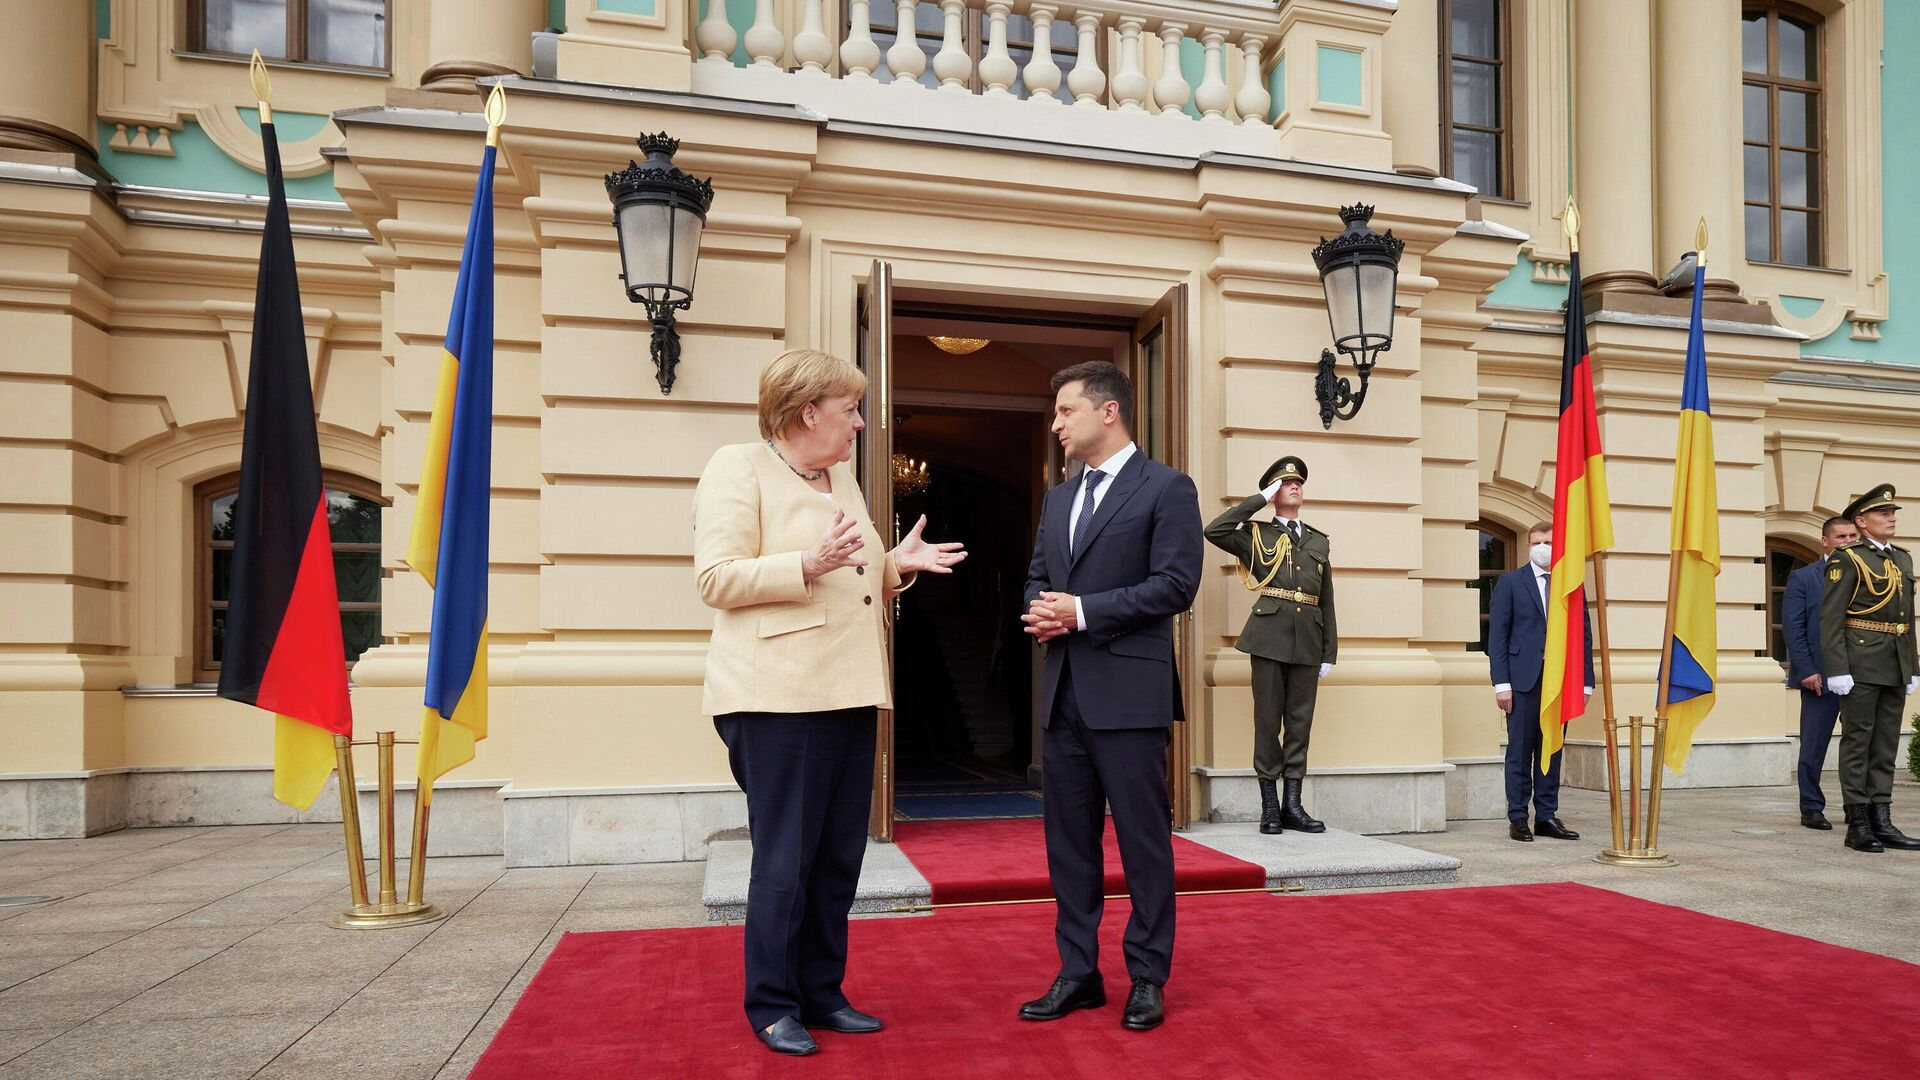 La canciller federal de Alemania, Angela Merkel, y el presidente ucraniano, Volodímir Zelenski - Sputnik Mundo, 1920, 22.08.2021